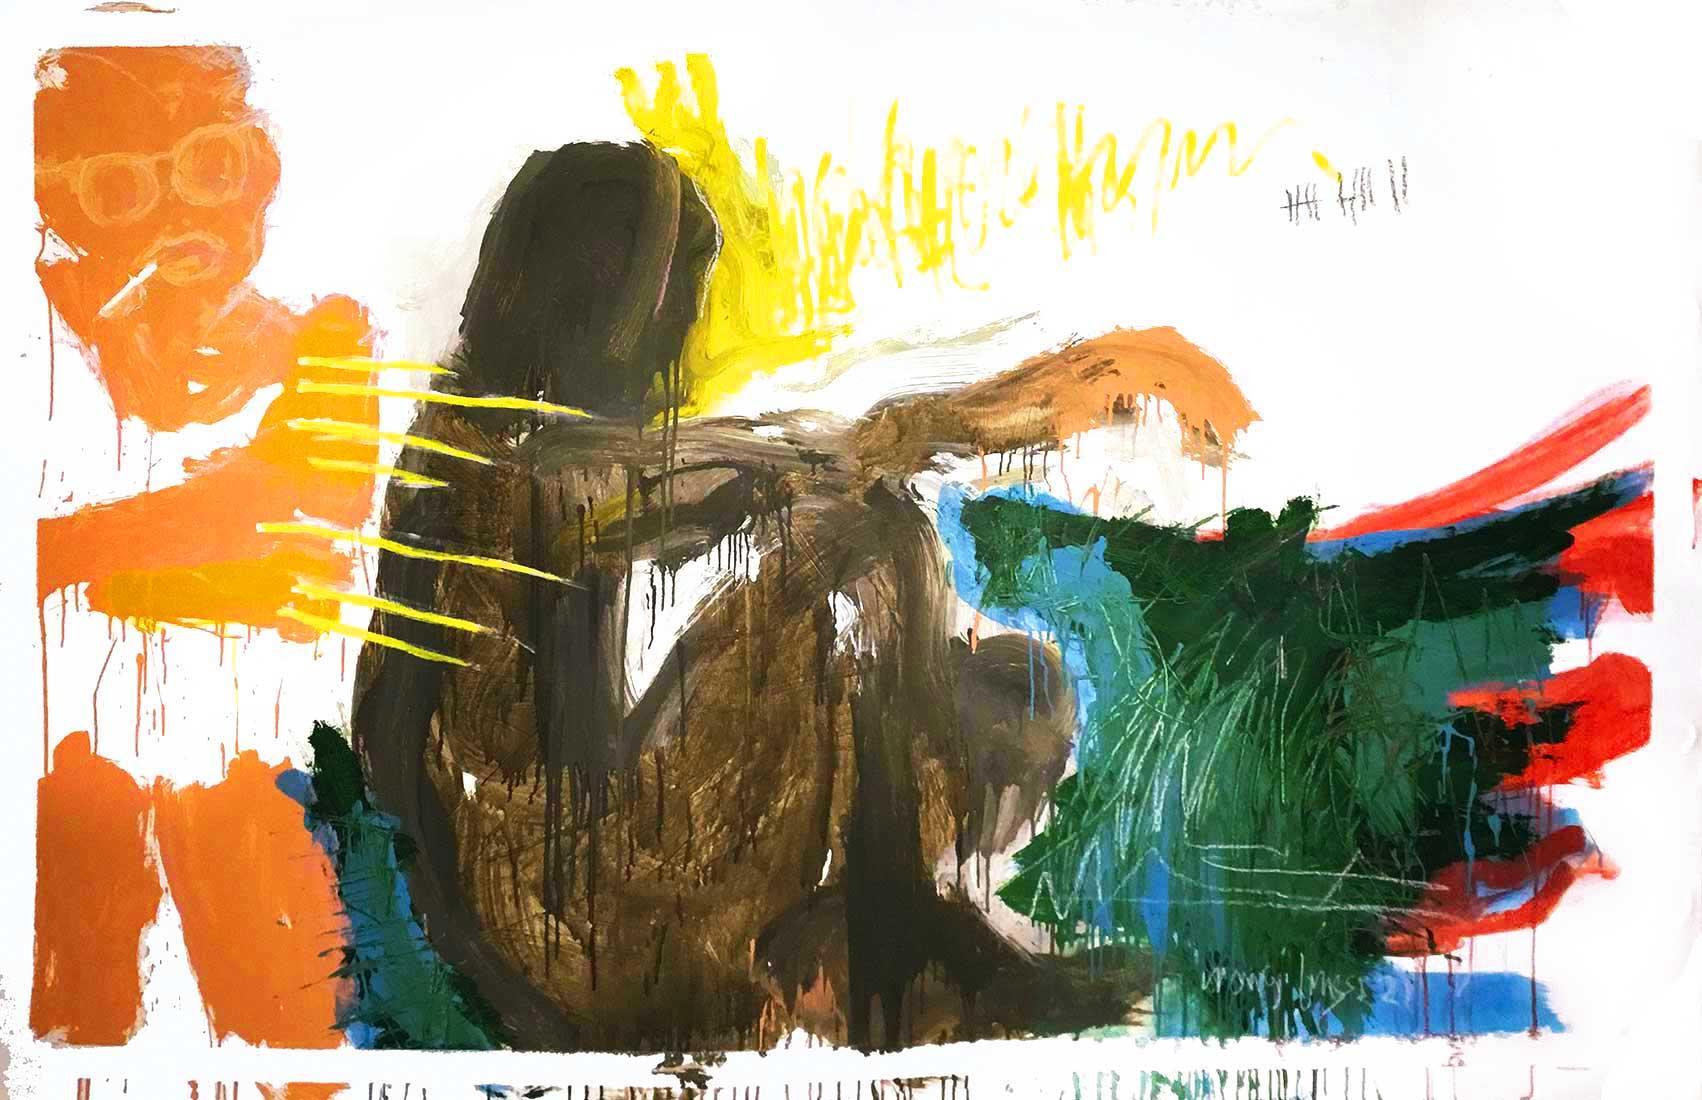 venus-menopause-mongi-higgs-konsum163-modern-art-gallery-galerie-artwork-gemaelde-zwei